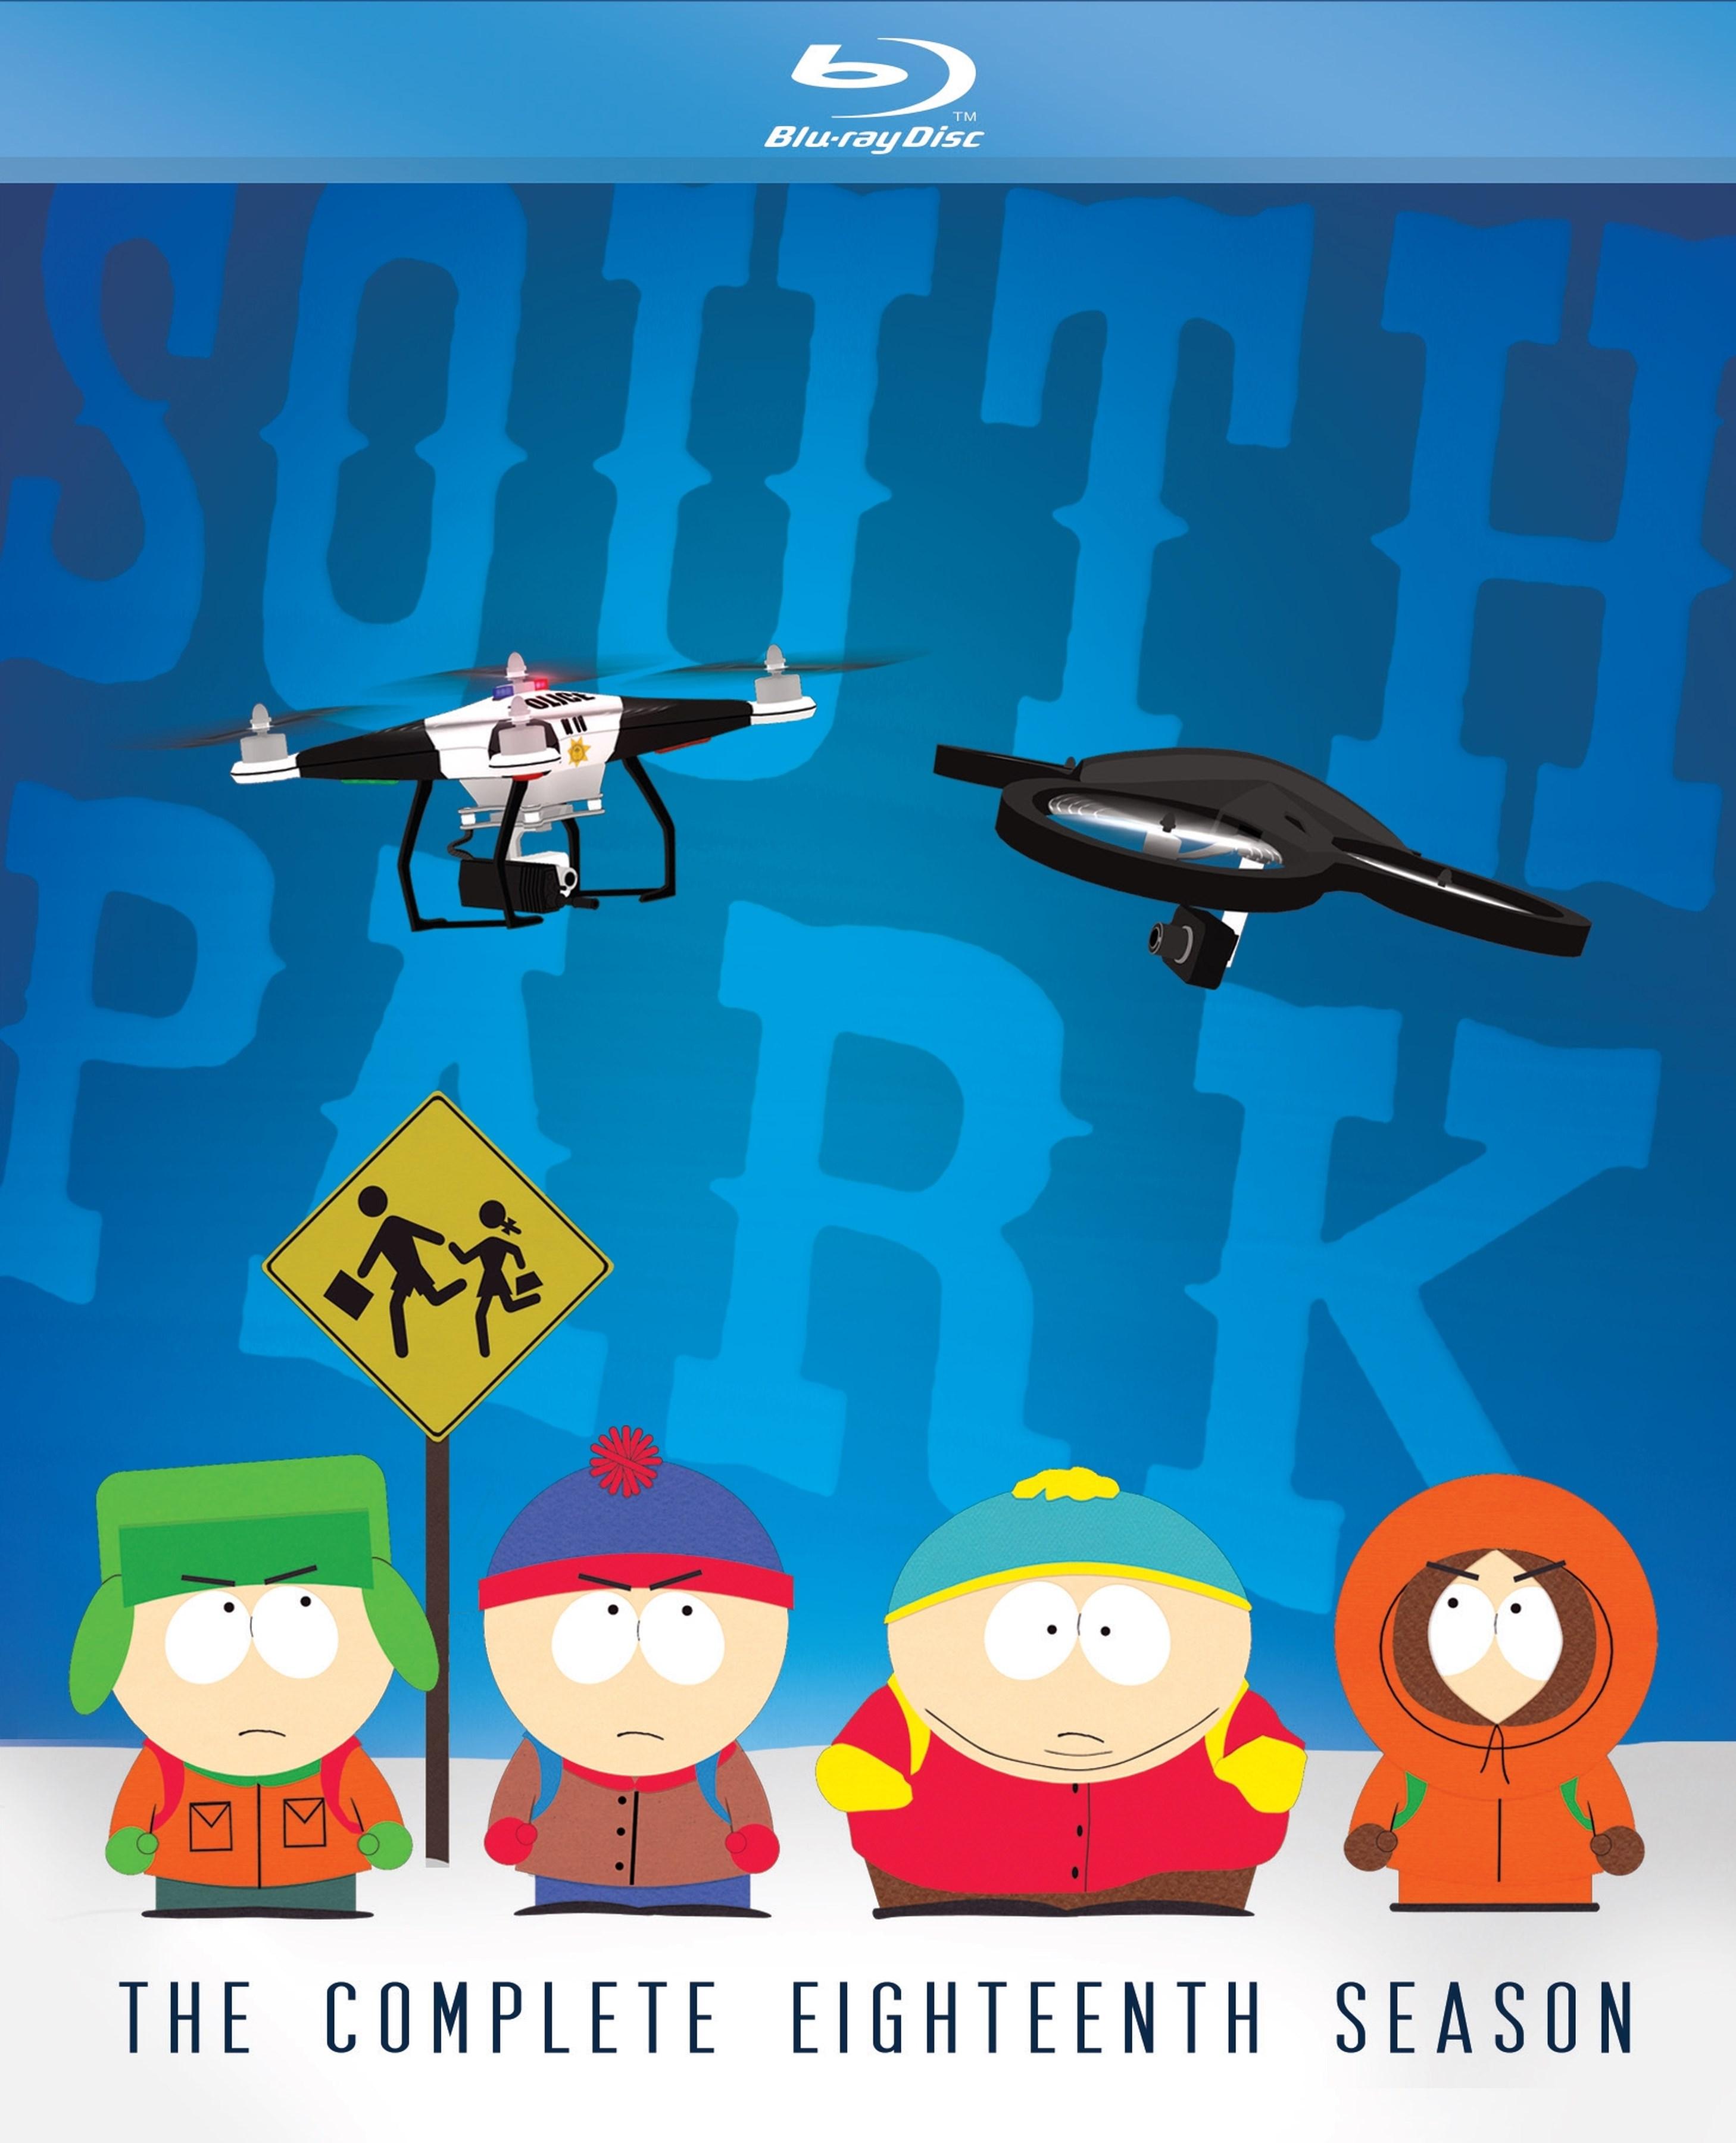 South Park Season 18 Blu-ray Review